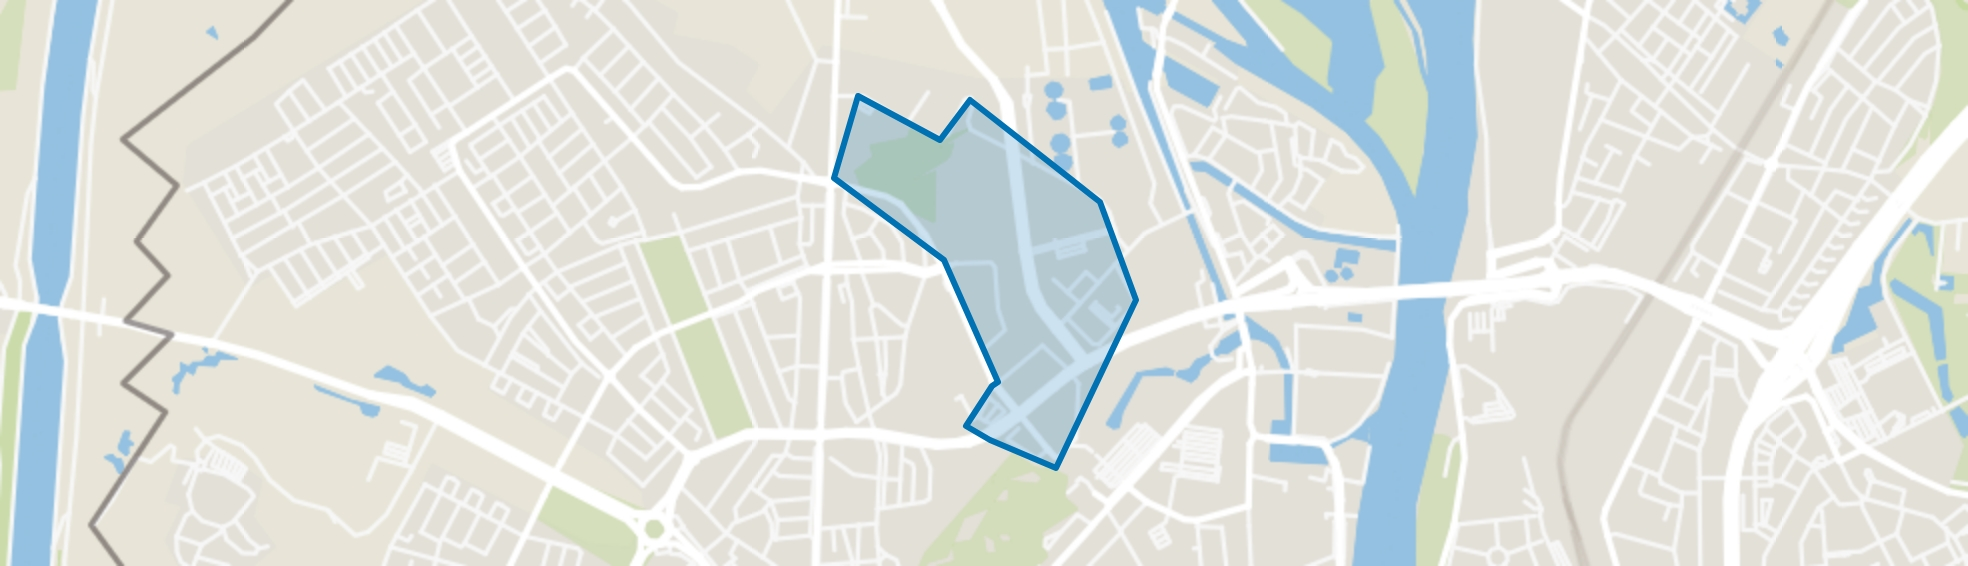 Bosscherveld, Maastricht map